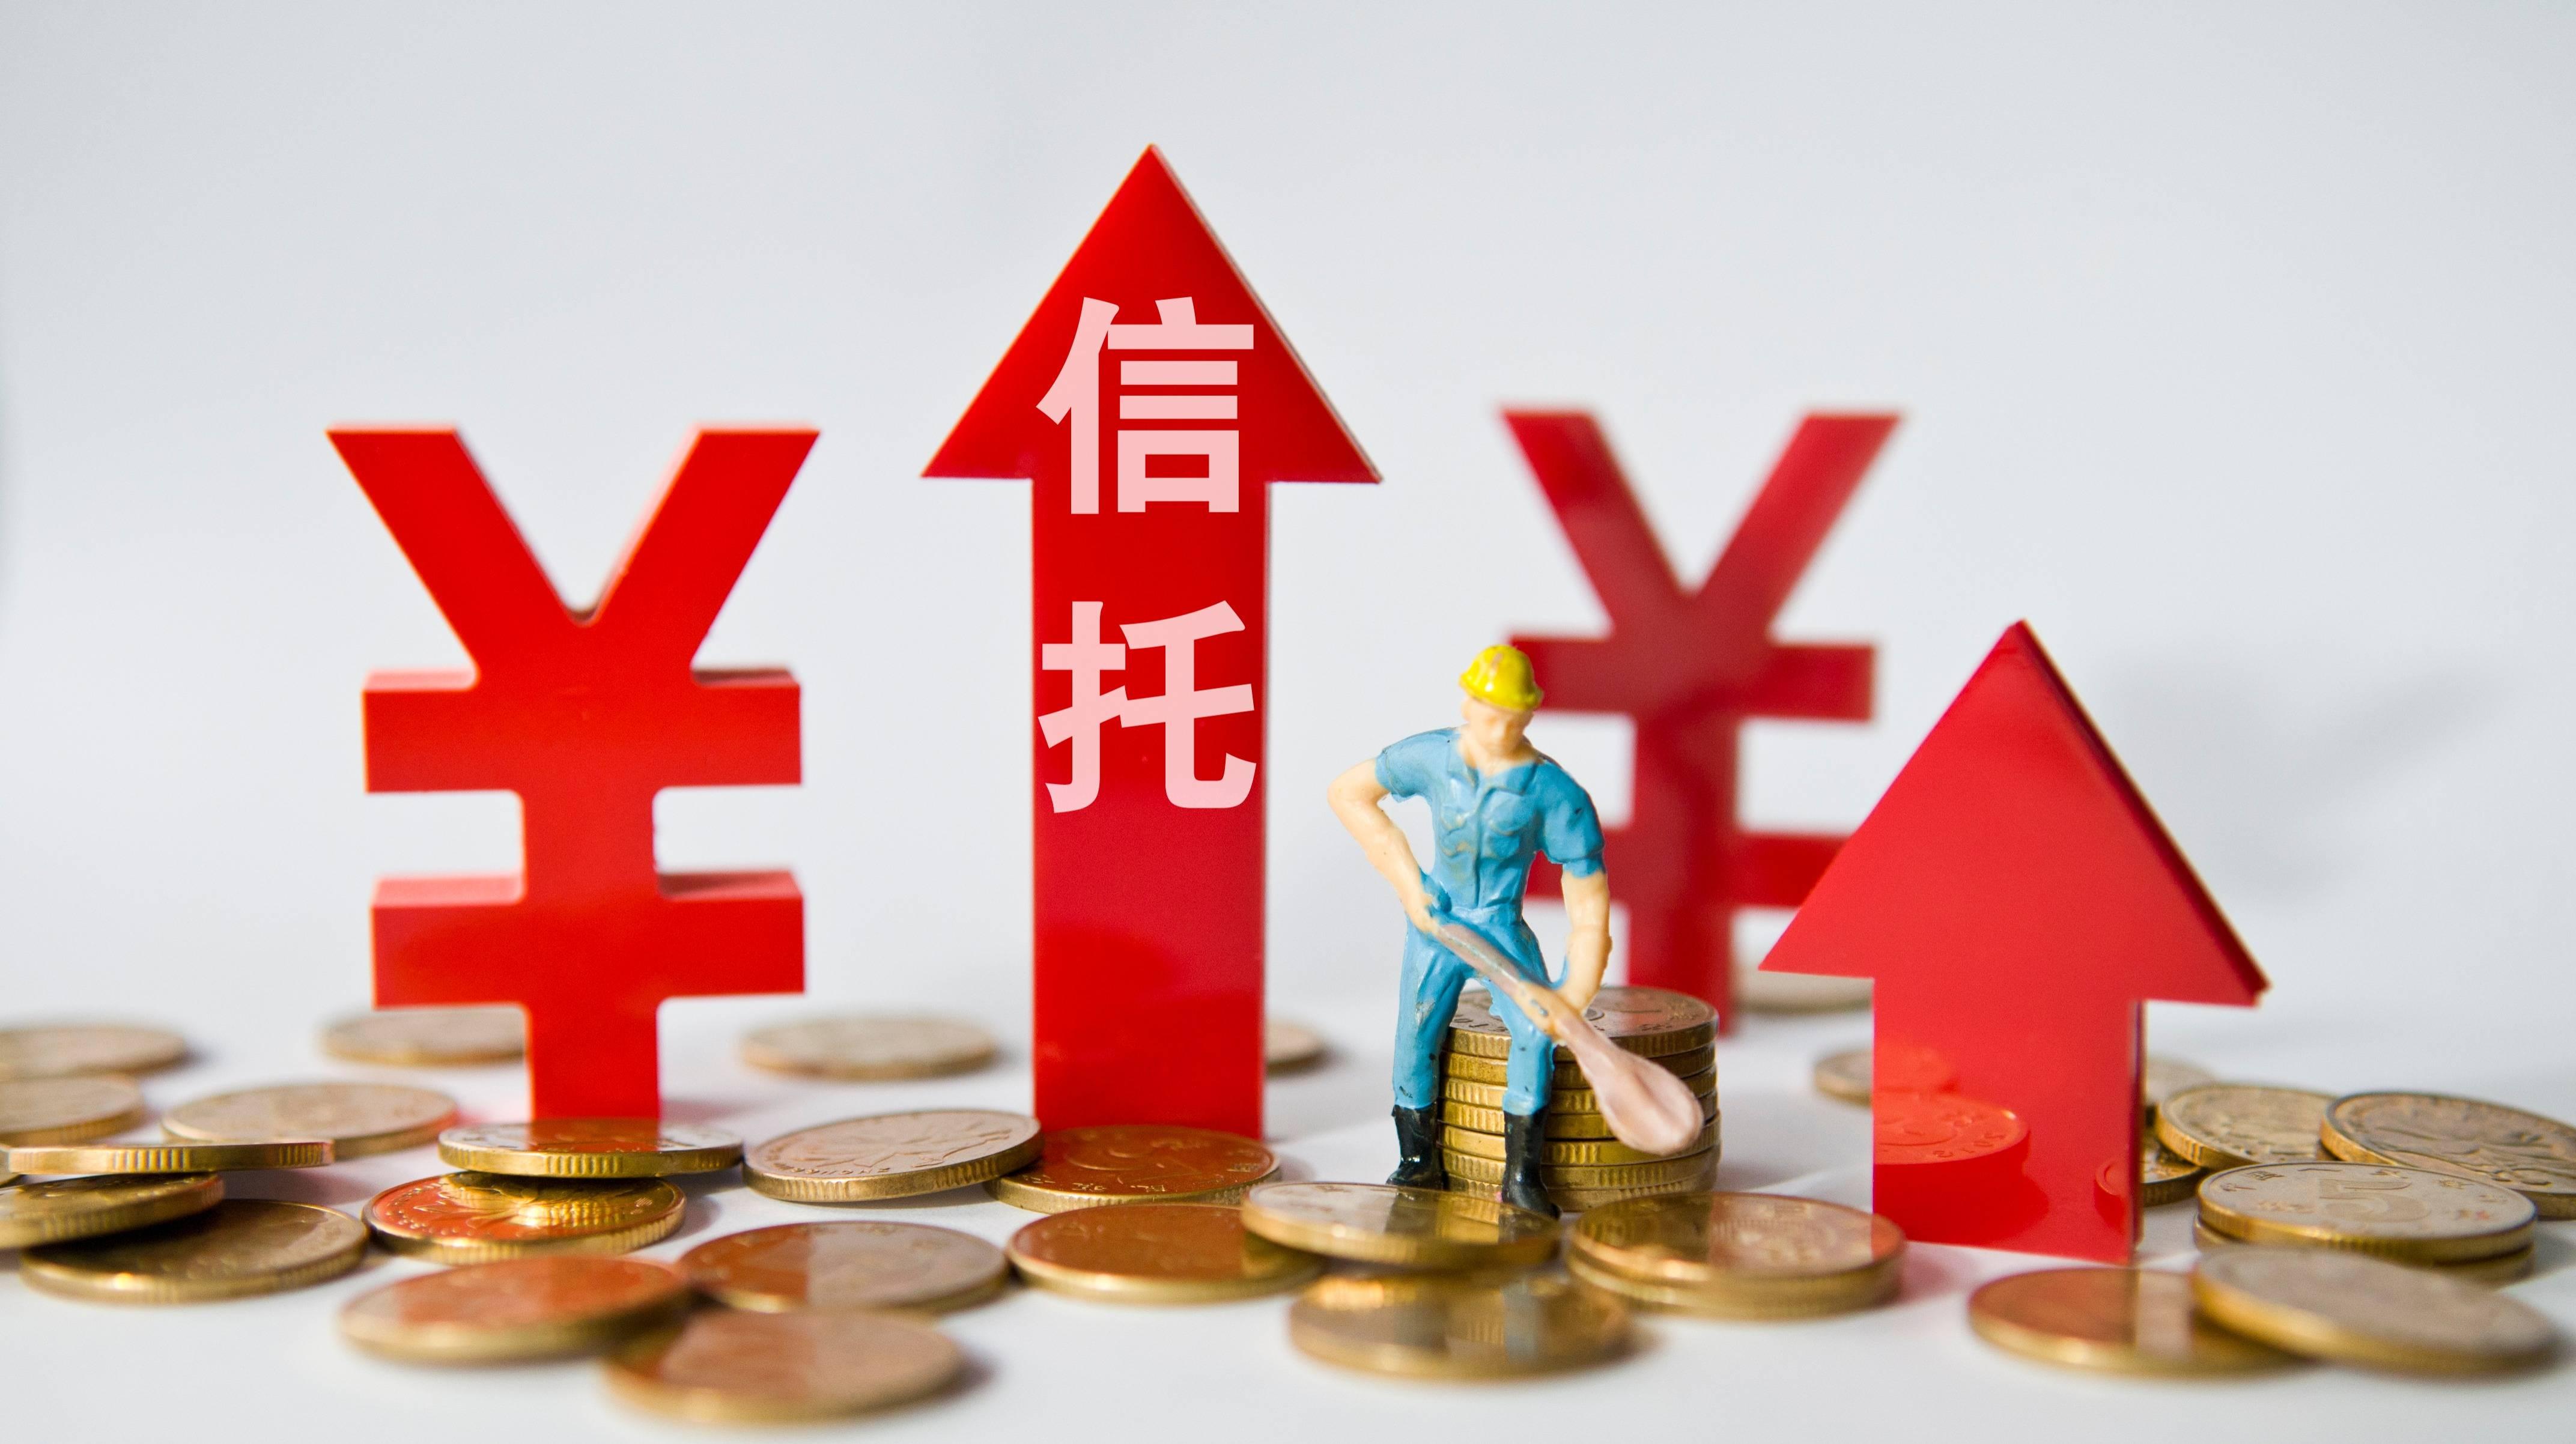 一文看懂信托投资:如何安全的与高收益共舞?